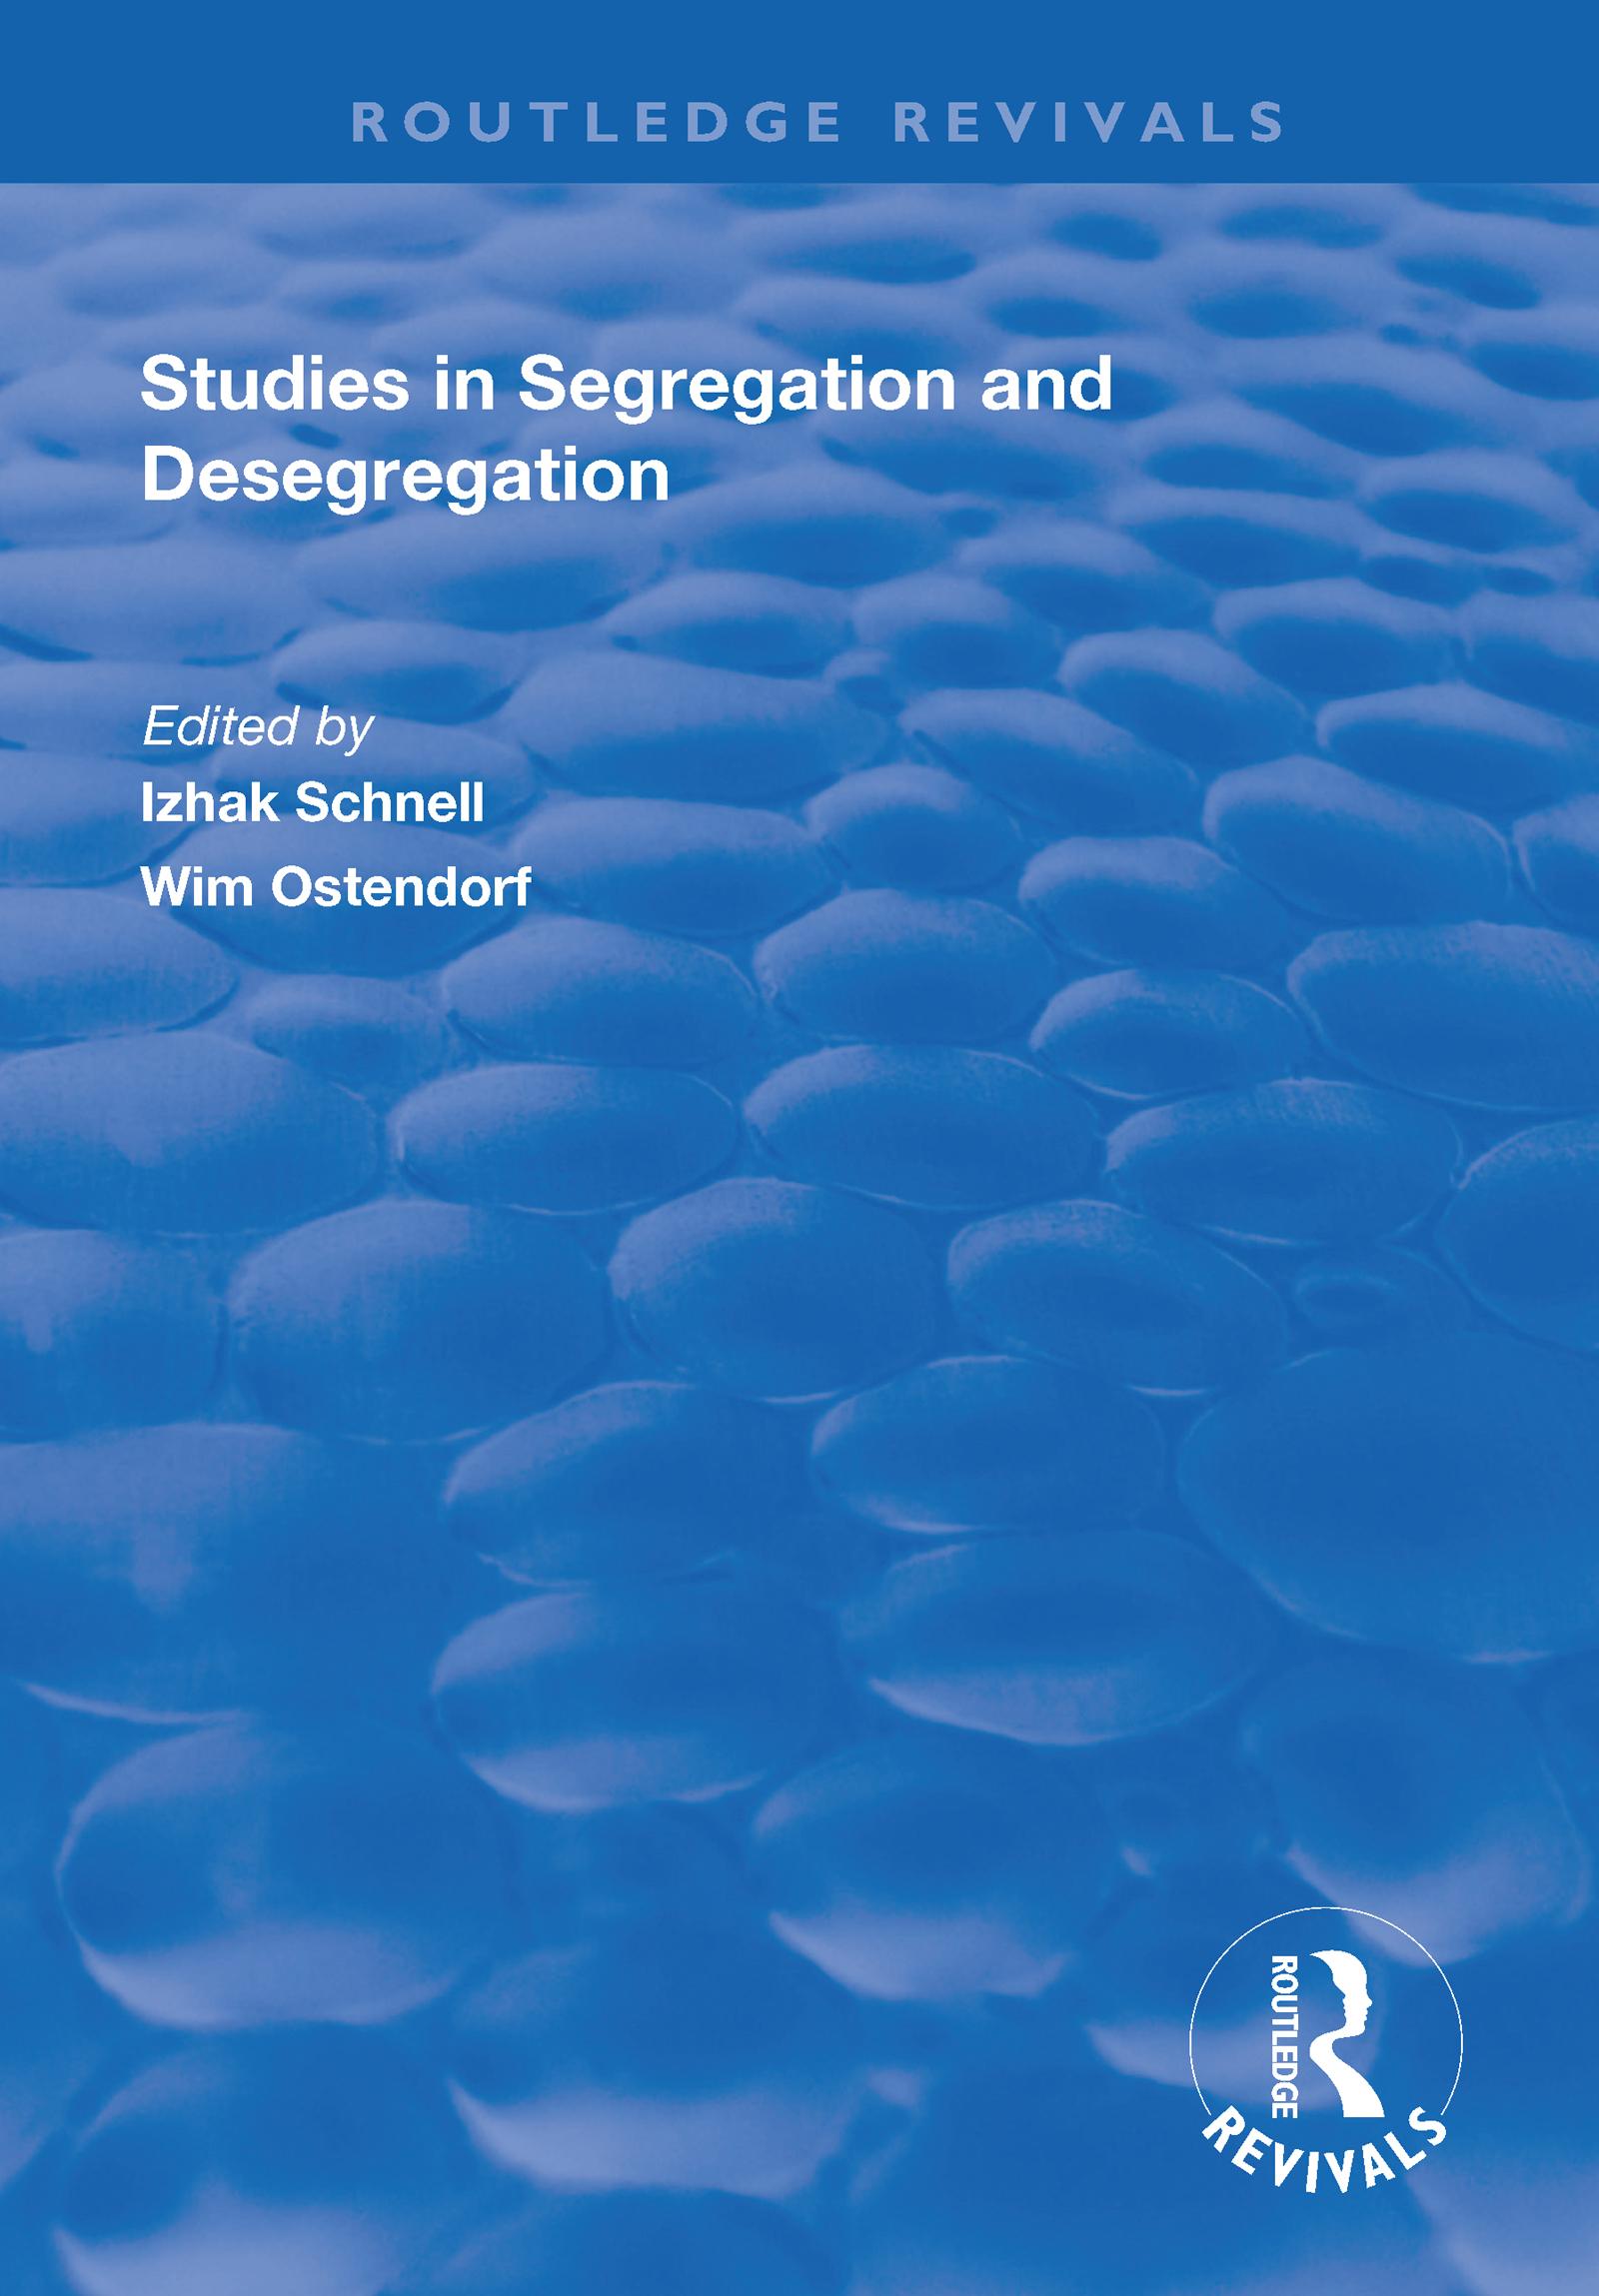 Studies in Segregation and Desegregation